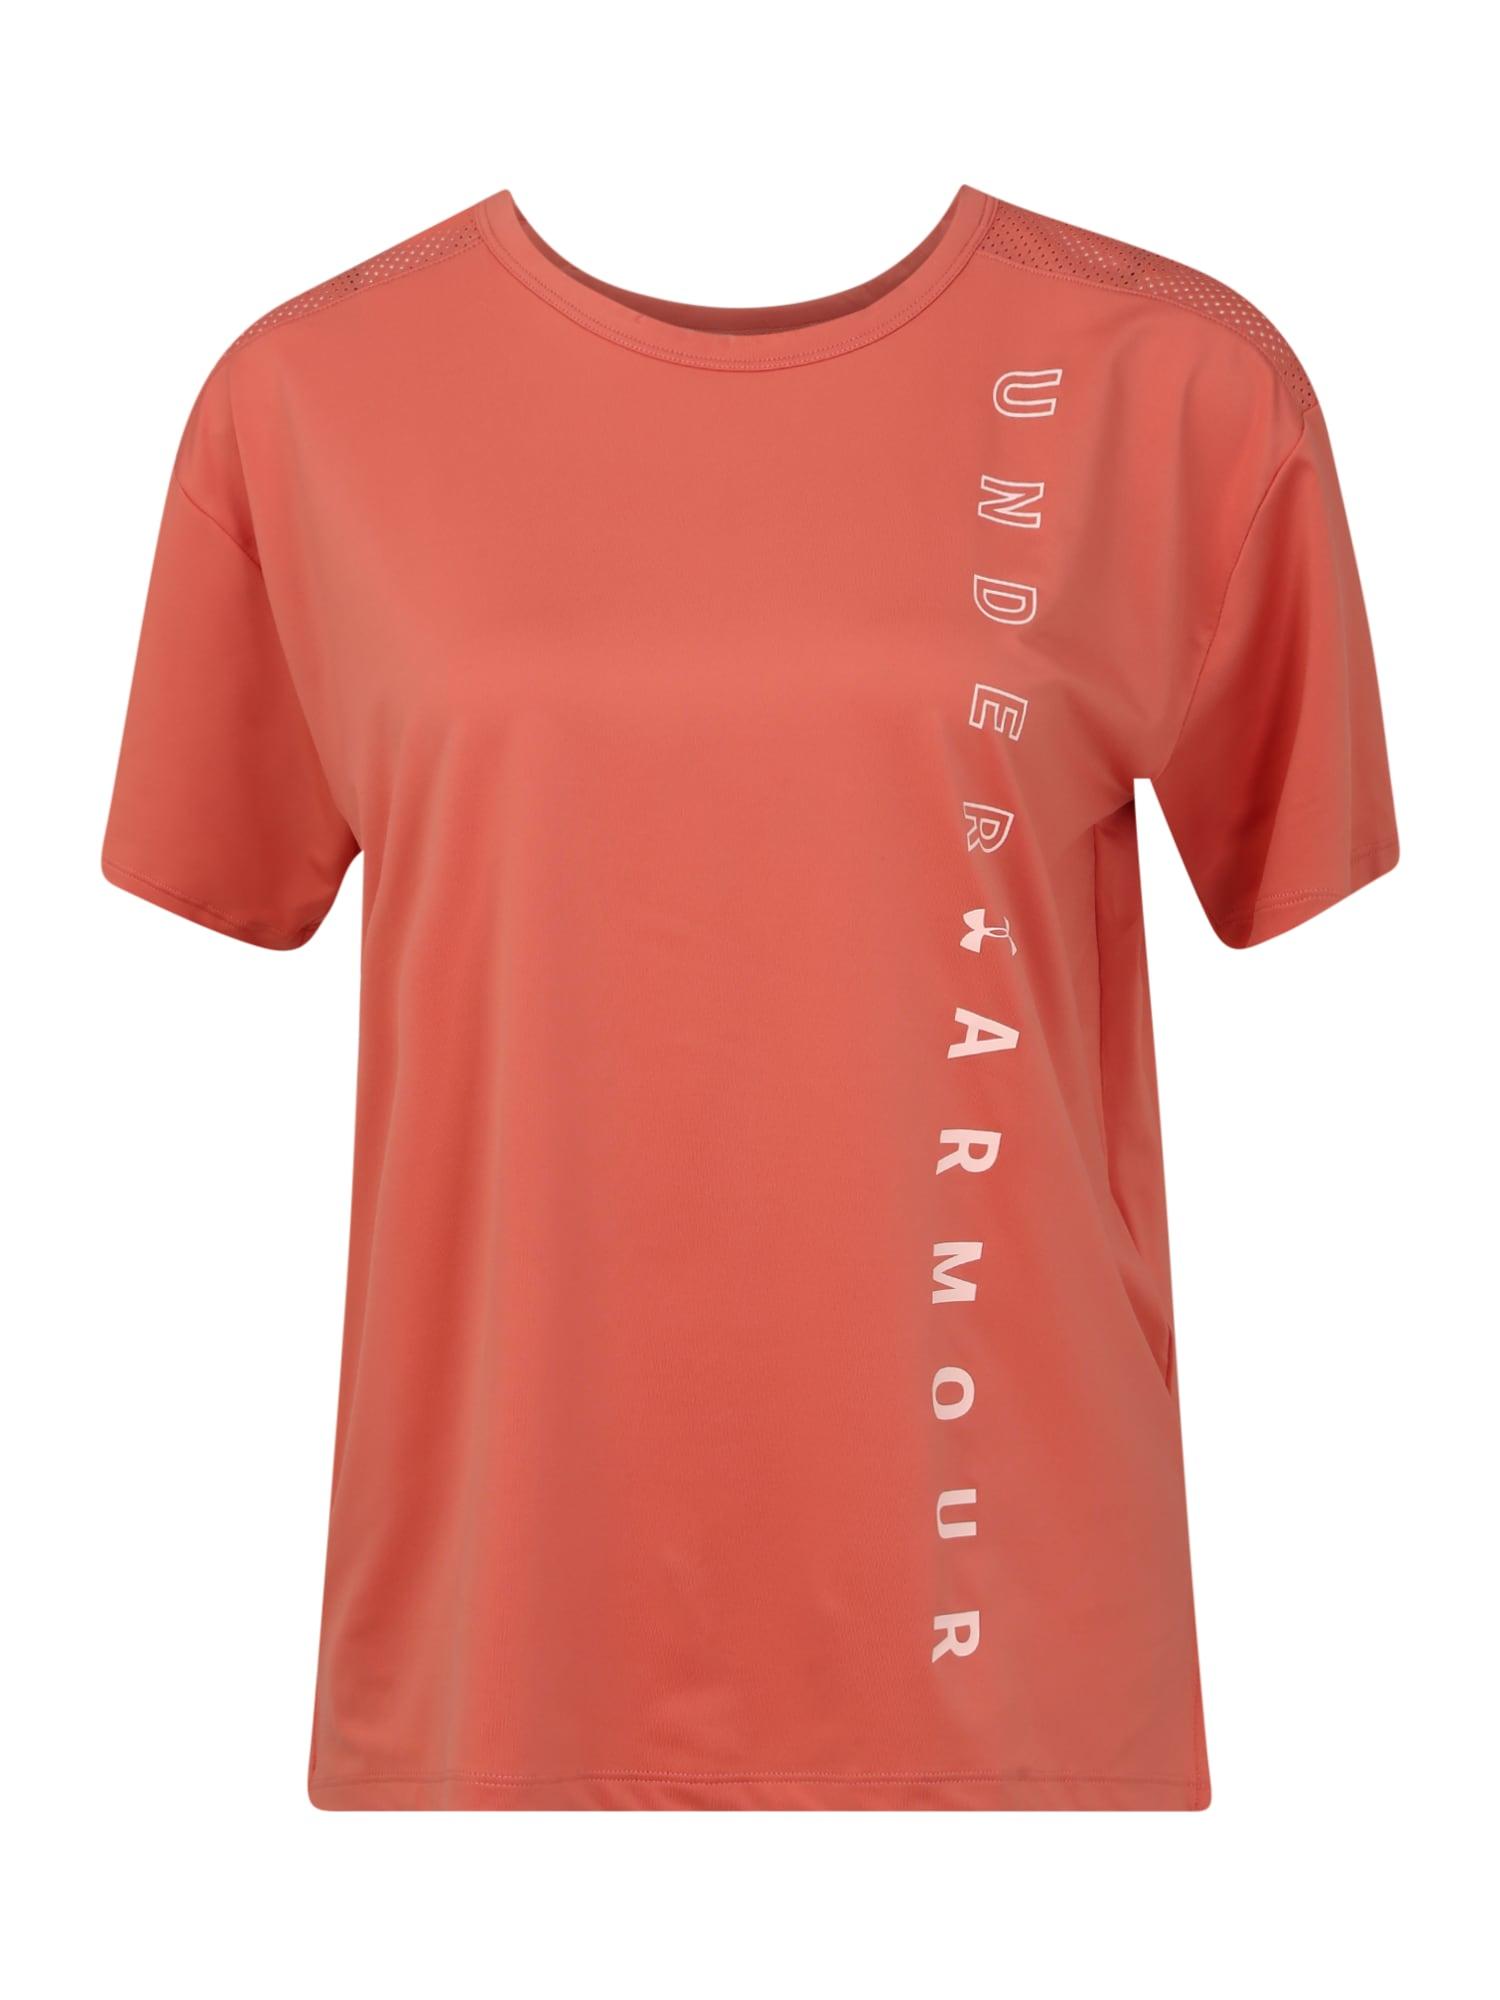 UNDER ARMOUR Sportiniai marškinėliai oranžinė